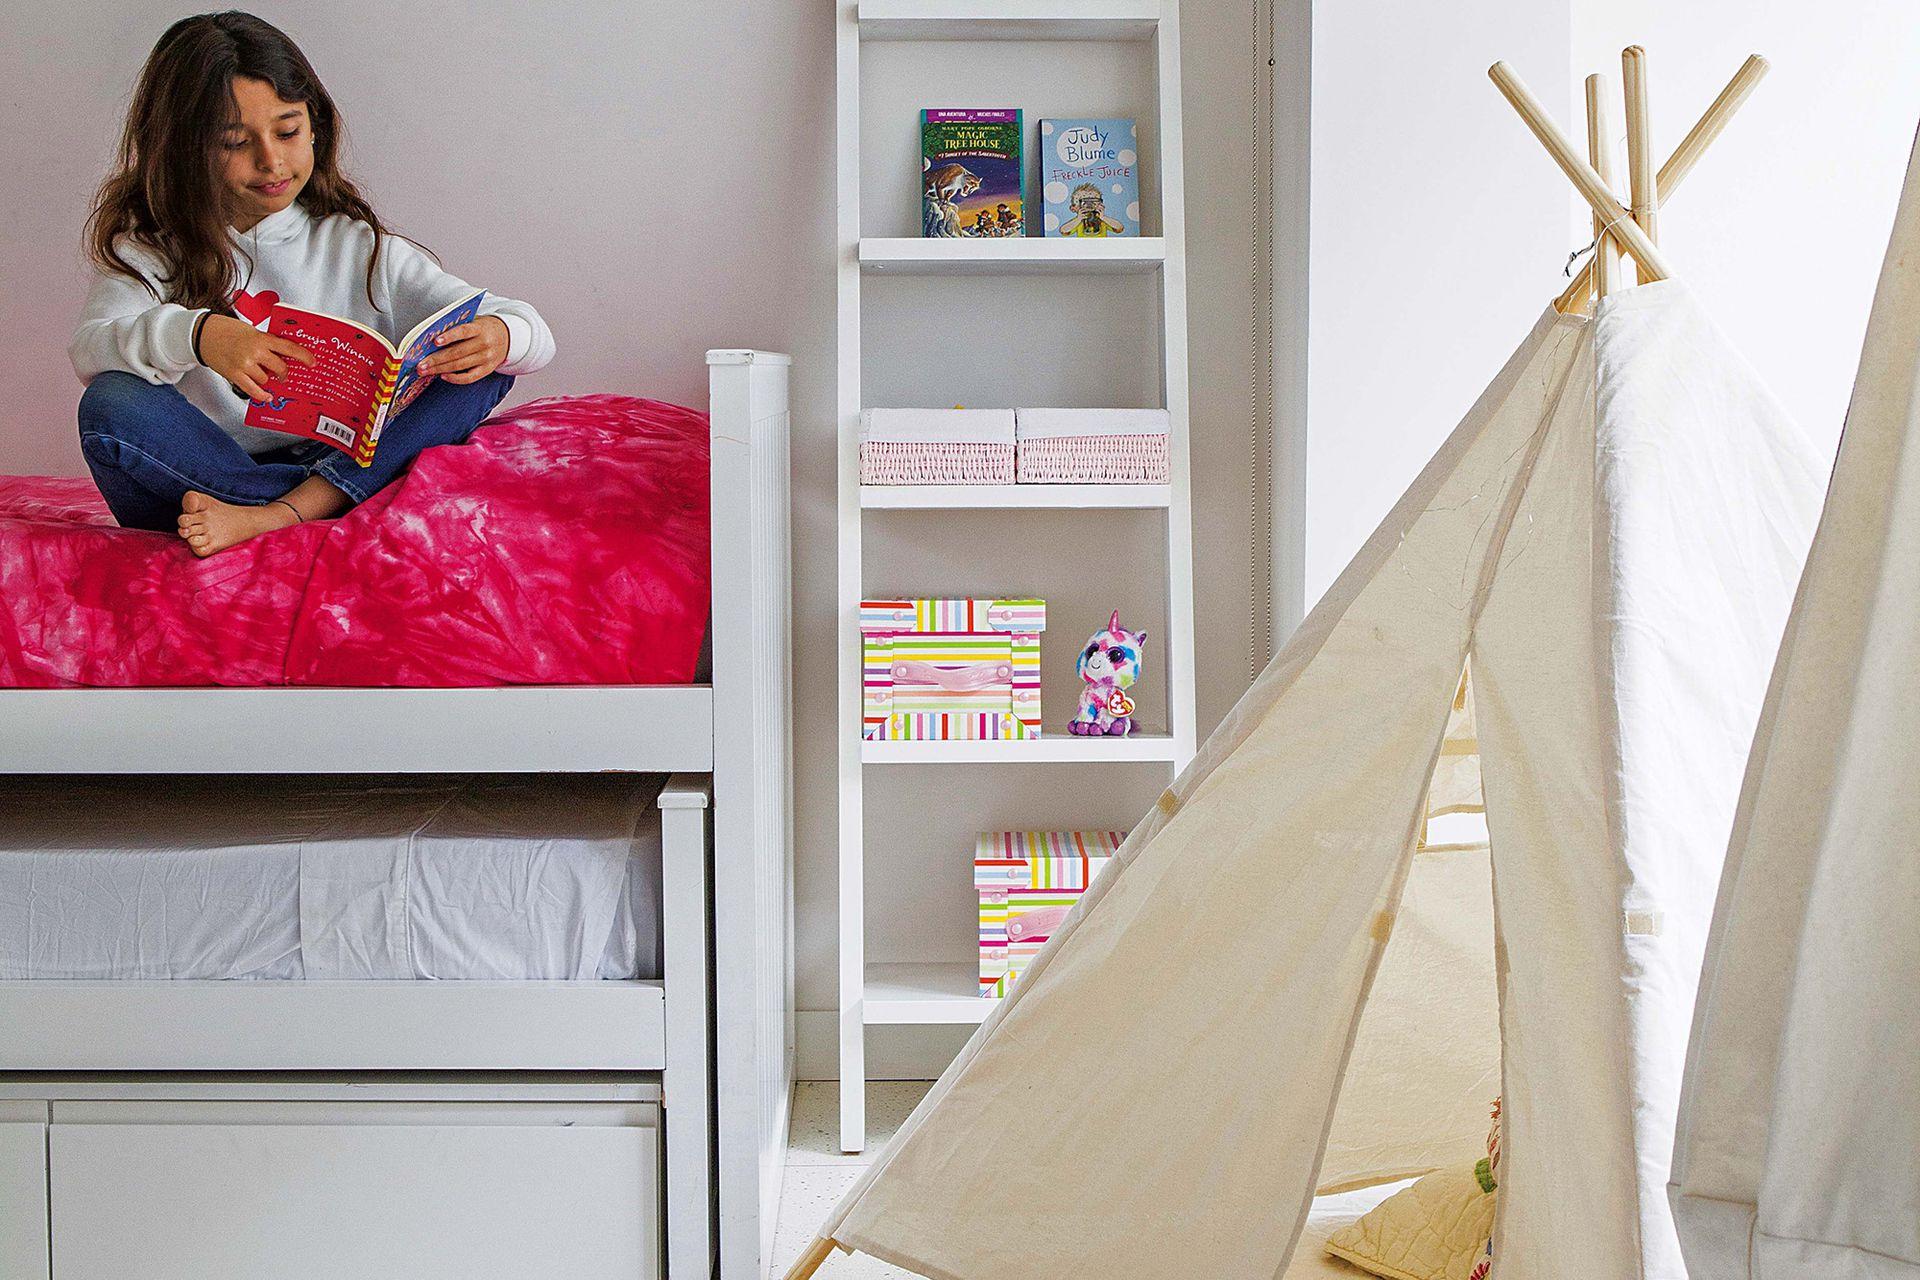 Al lado de la cama, biblioteca y carpa infantil.